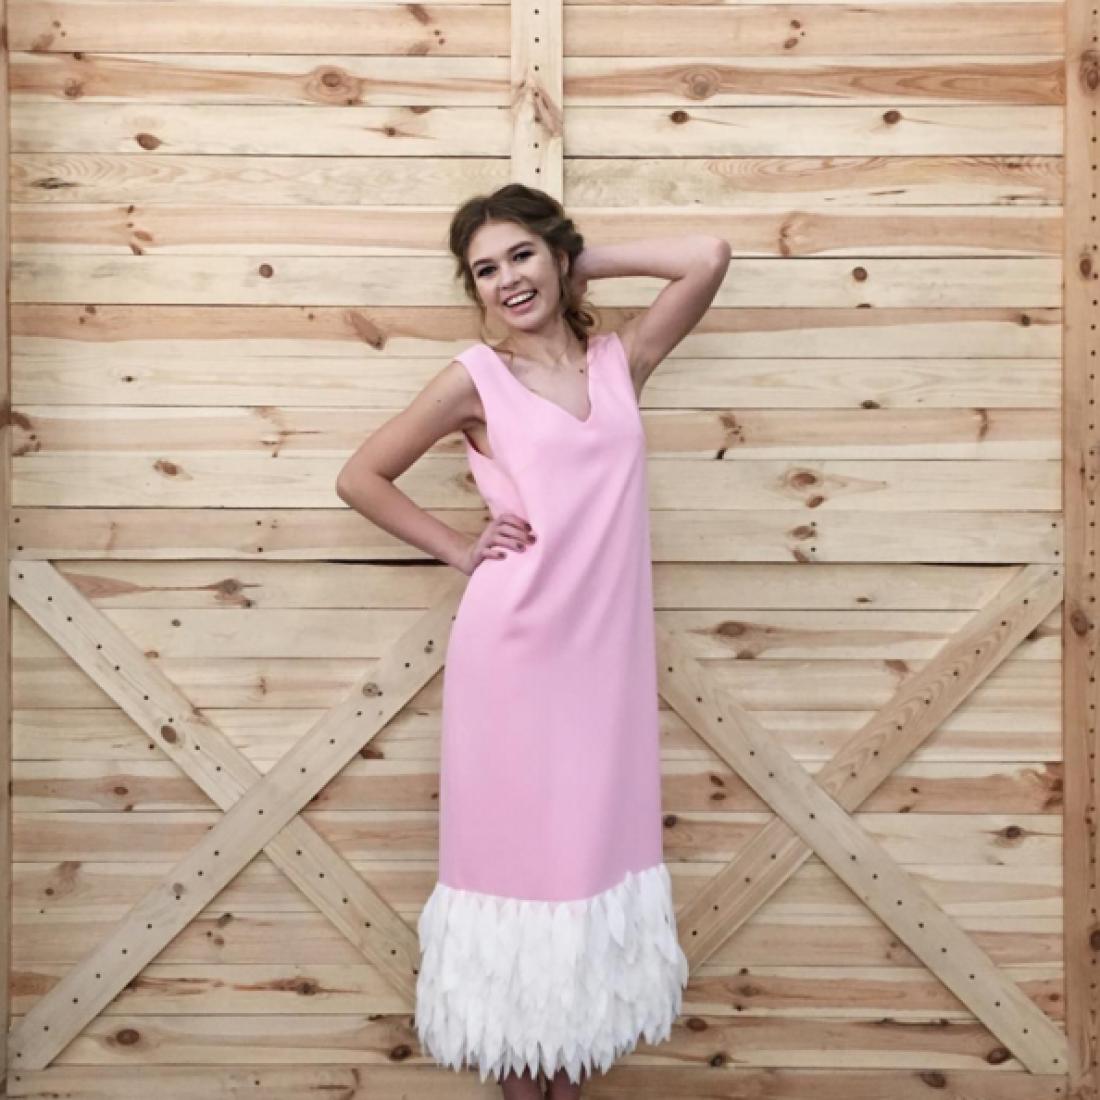 Соня Киперман предлагает пять идеальных платьев для выпускного 2016